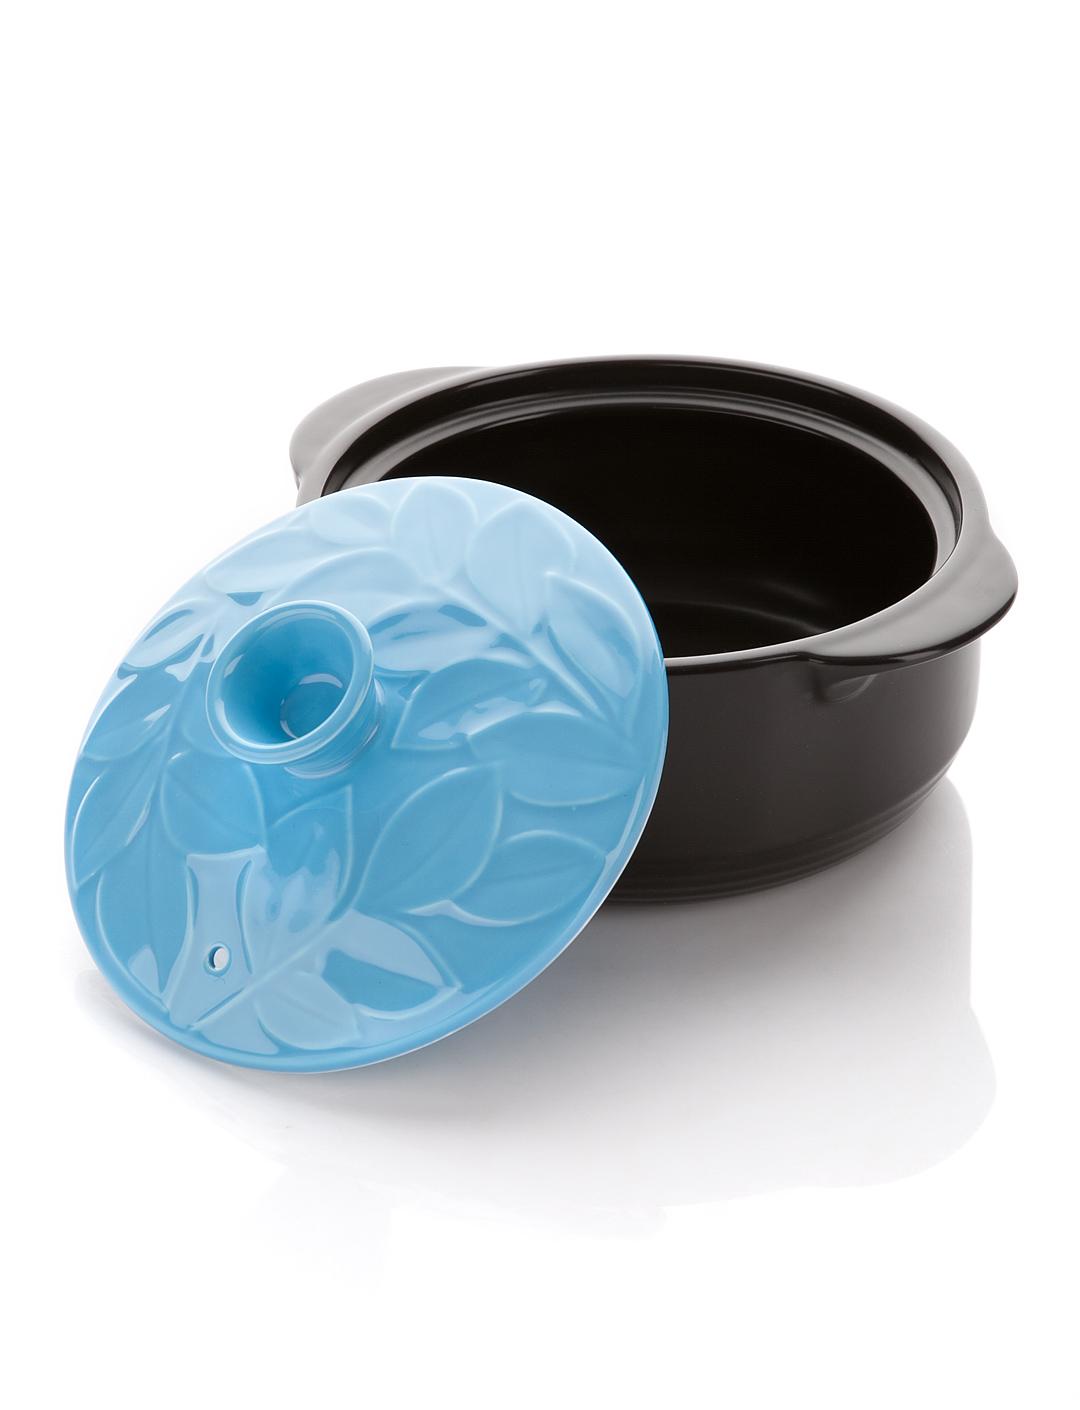 Кастрюля керамическая Hans & Gretchen с крышкой, цвет: голубой, 2,2 л94672Кастрюля Hans & Gretchen изготовлена из экологически чистой жаропрочной керамики. Керамическая крышка кастрюли оснащена отверстием для выпуска пара. Кастрюля равномерно нагревает блюдо, долго сохраняя тепло и не выделяя абсолютно никаких примесей в пищу. Кастрюля не искажает, а даже усиливает вкус пищи. Крышка изделия оформлена рельефным изображением листьев. Превосходно служит для замораживания продуктов в холодильнике (до -20°С). Кастрюля устойчива к химическим и механическим воздействиям. Благодаря толстым стенкам изделие нагревается равномерно.Кастрюля Hans & Gretchen прекрасно подойдет для запекания и тушения овощей, мяса и других блюд, а оригинальный дизайн и яркое оформление украсят ваш стол.Можно мыть в посудомоечной машине. Кастрюля предназначена для использования на газовой и электрической плитах, в духовке и микроволновой печи. Не подходит для индукционных плит. Высота стенки: 9 см.Ширина кастрюли (с учетом ручек): 25 см.Толщина дна: 5 мм.Толщина стенки: 5 мм.